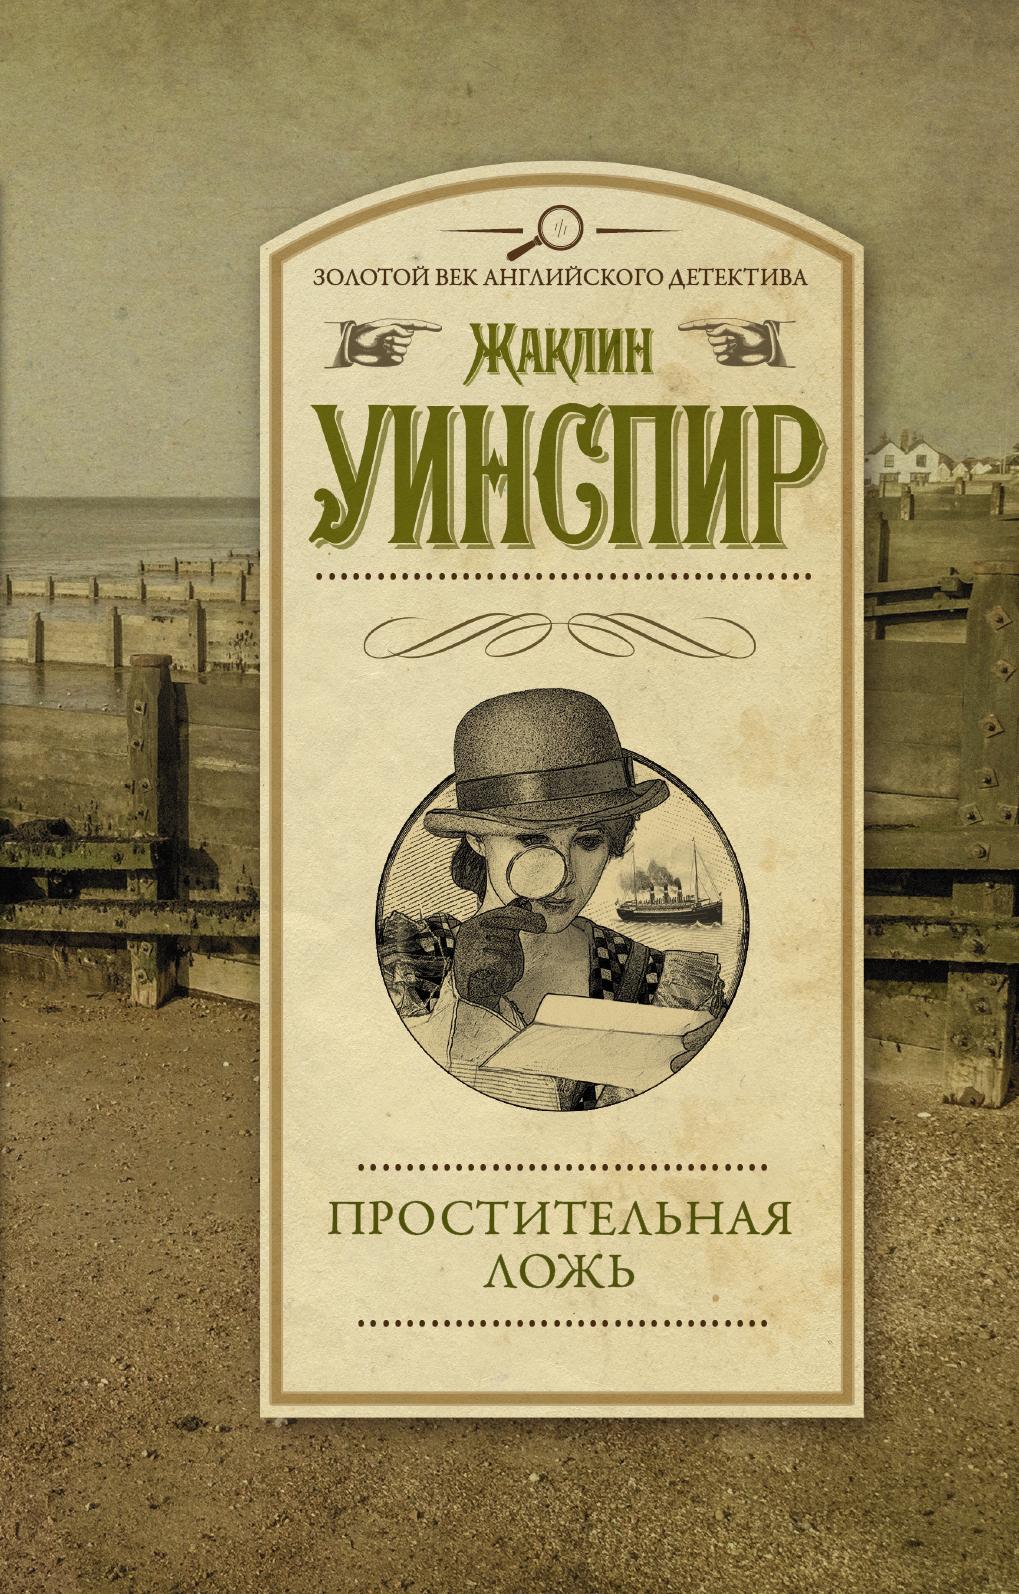 купить Жаклин Уинспир Простительная ложь по цене 138 рублей